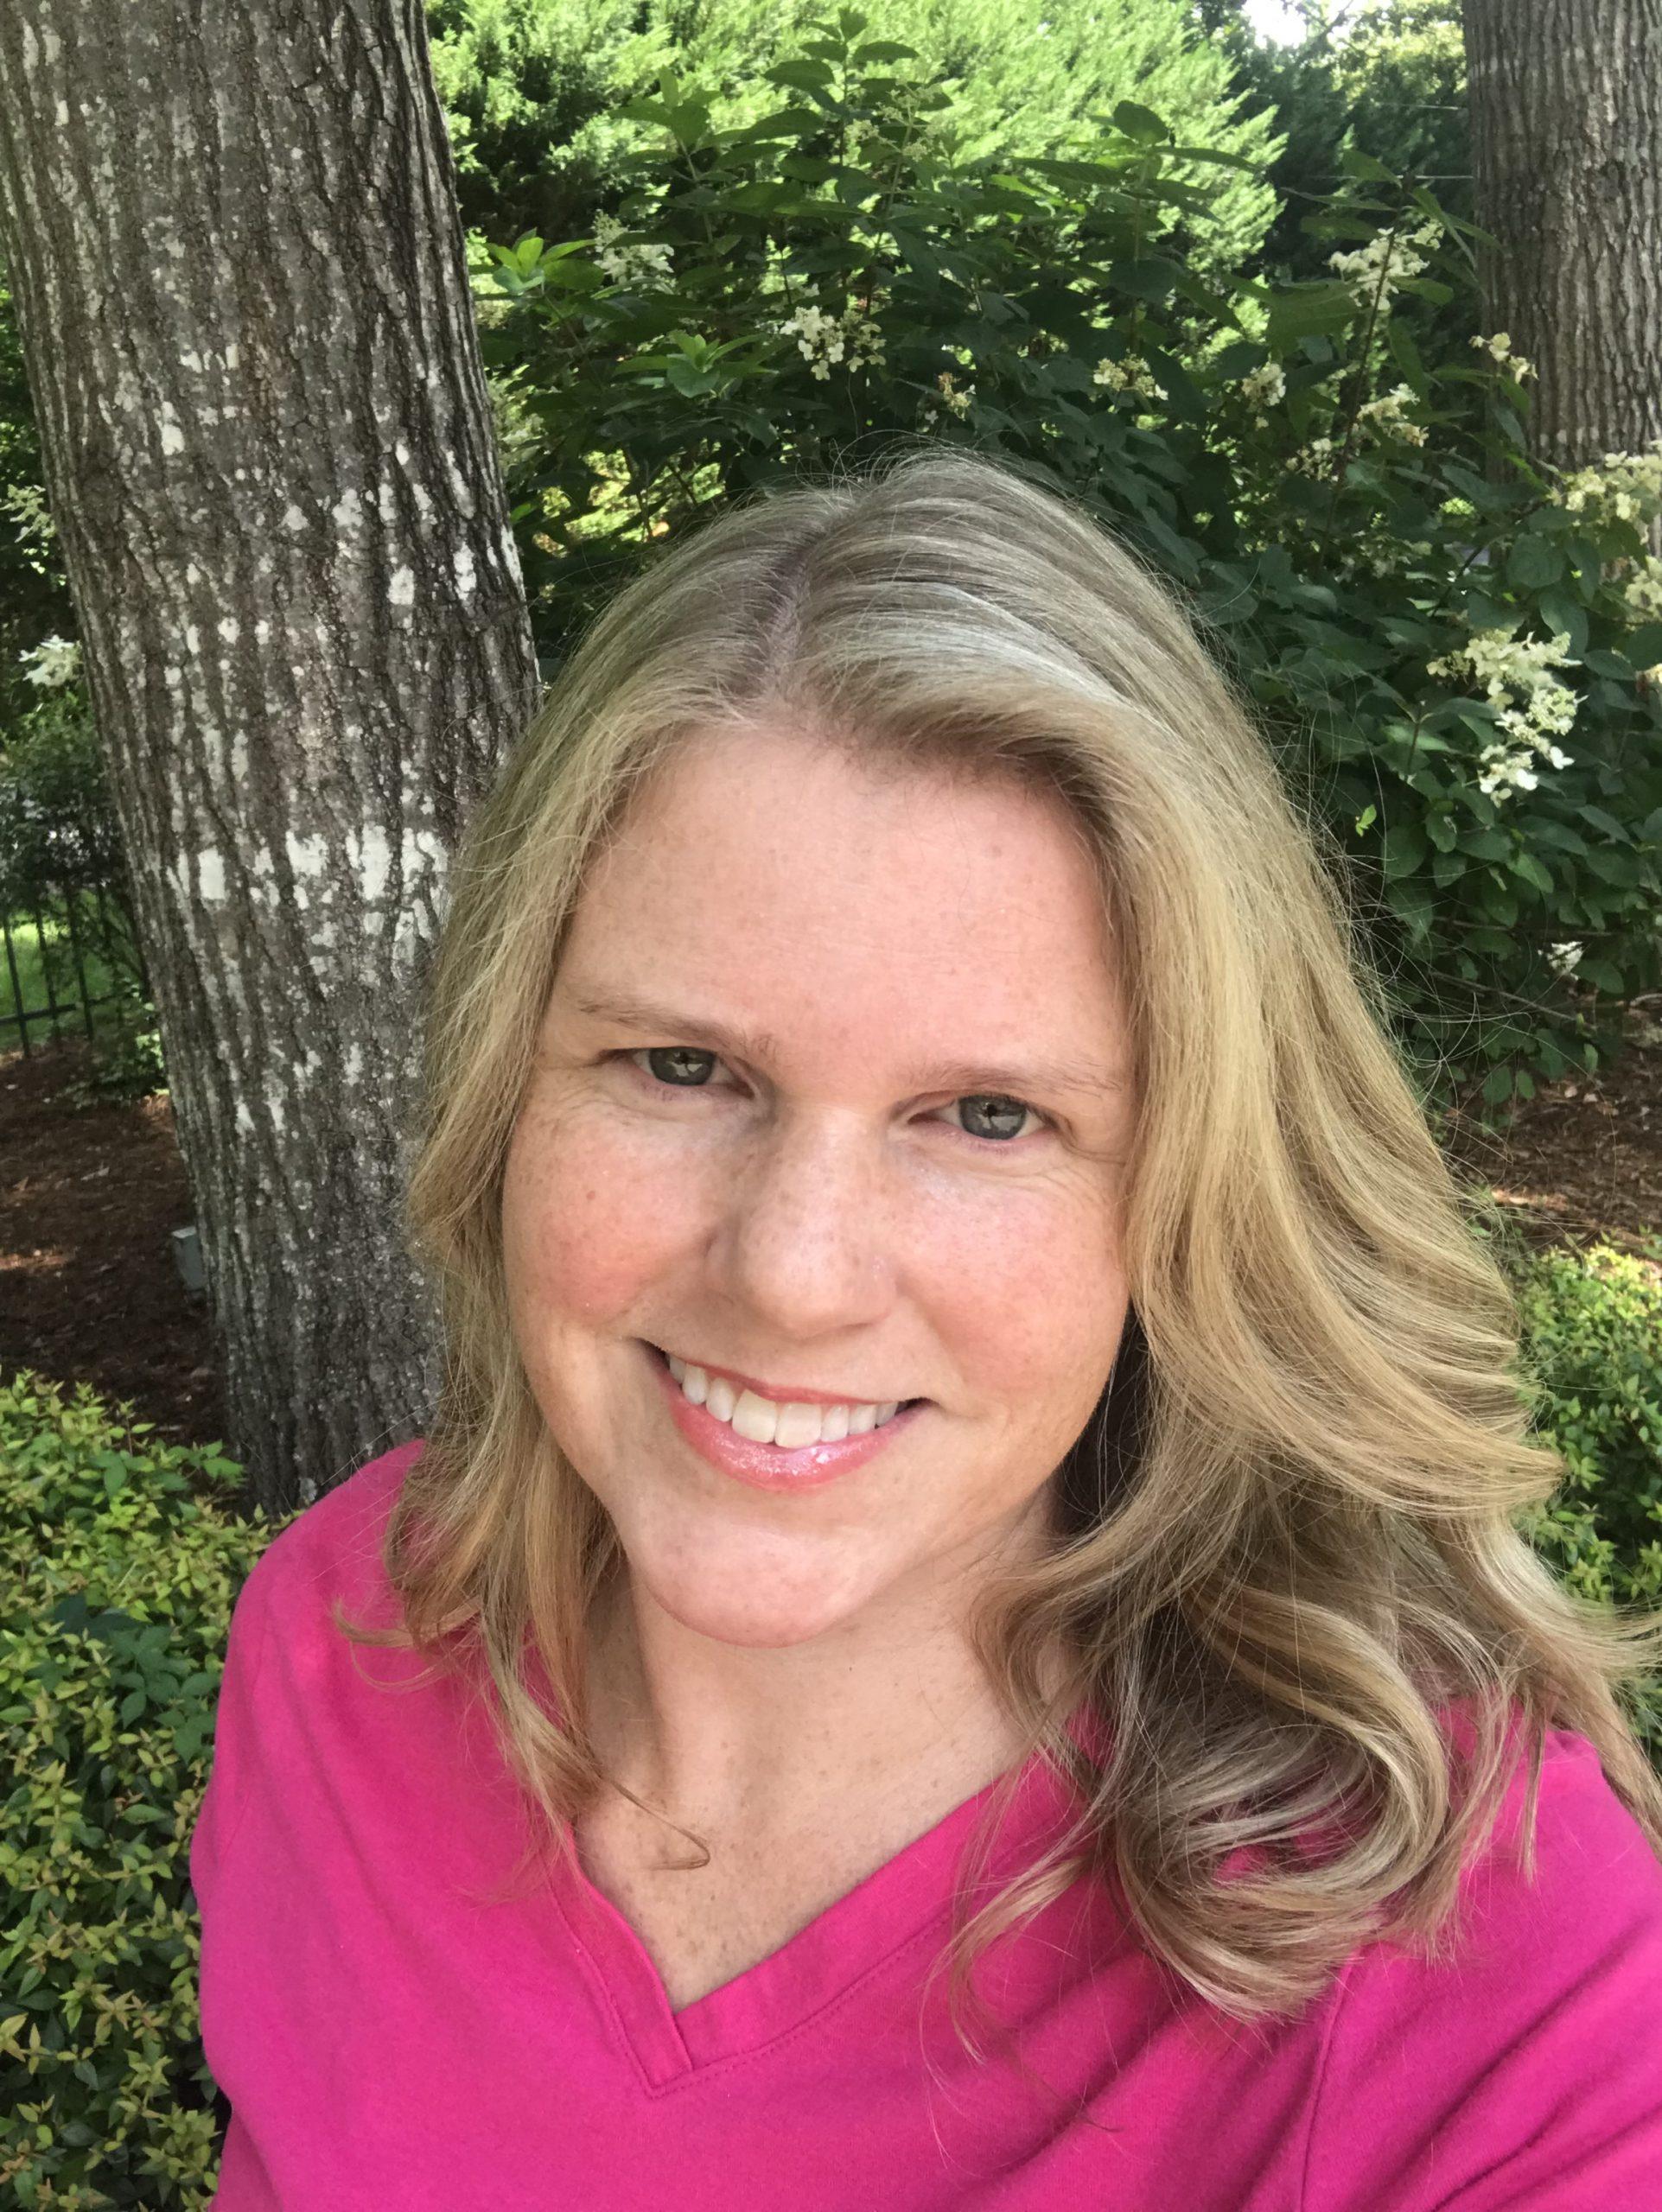 Catherine Parillo's profile picture